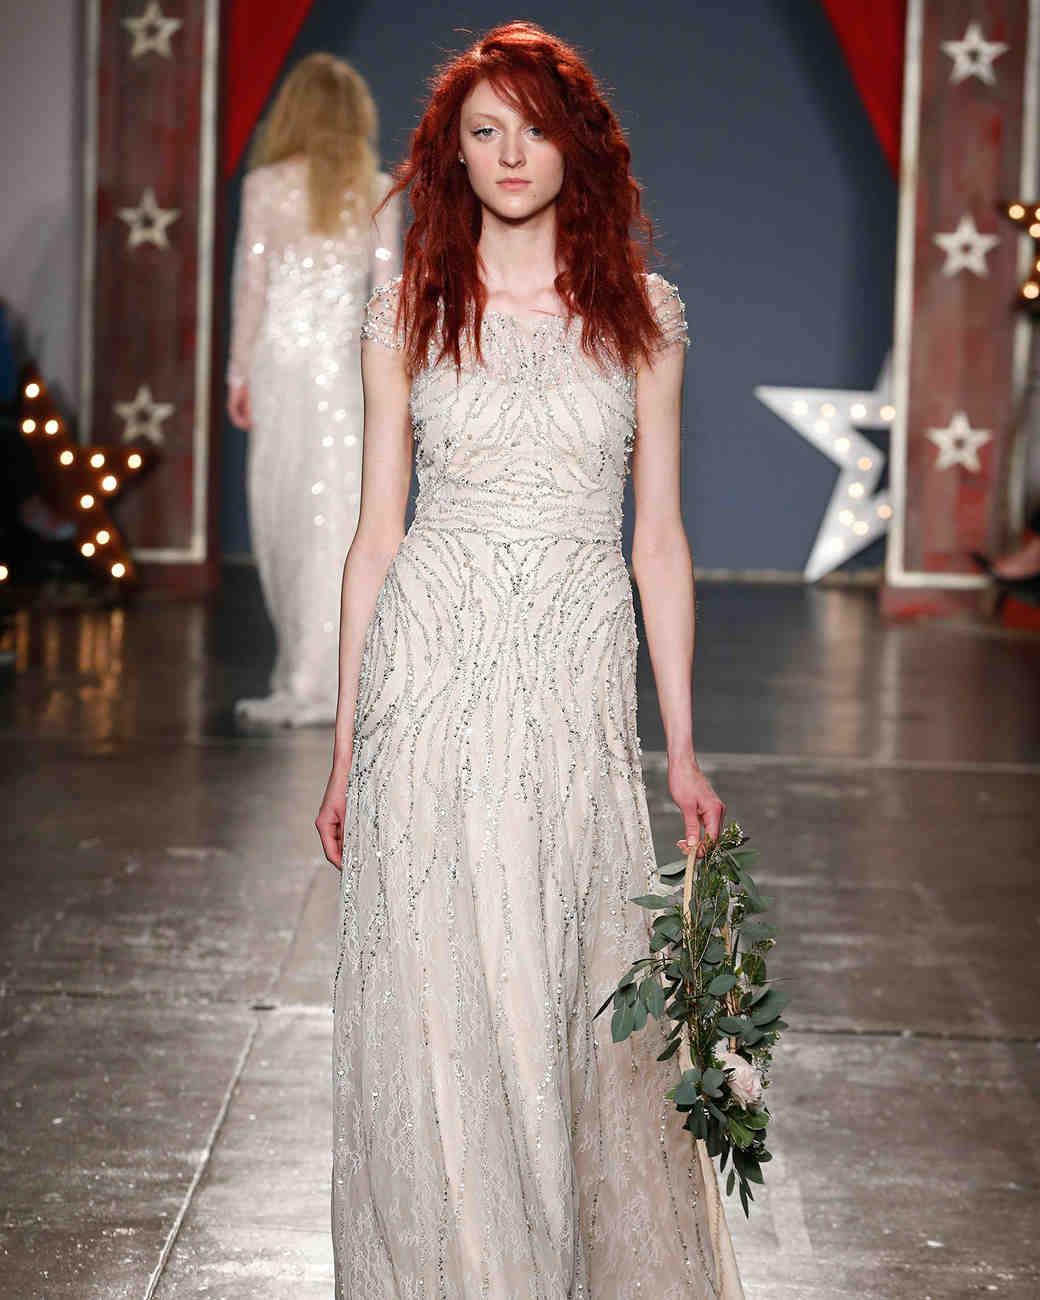 jenny packham wedding dress spring 2018 cap sleeve embellished